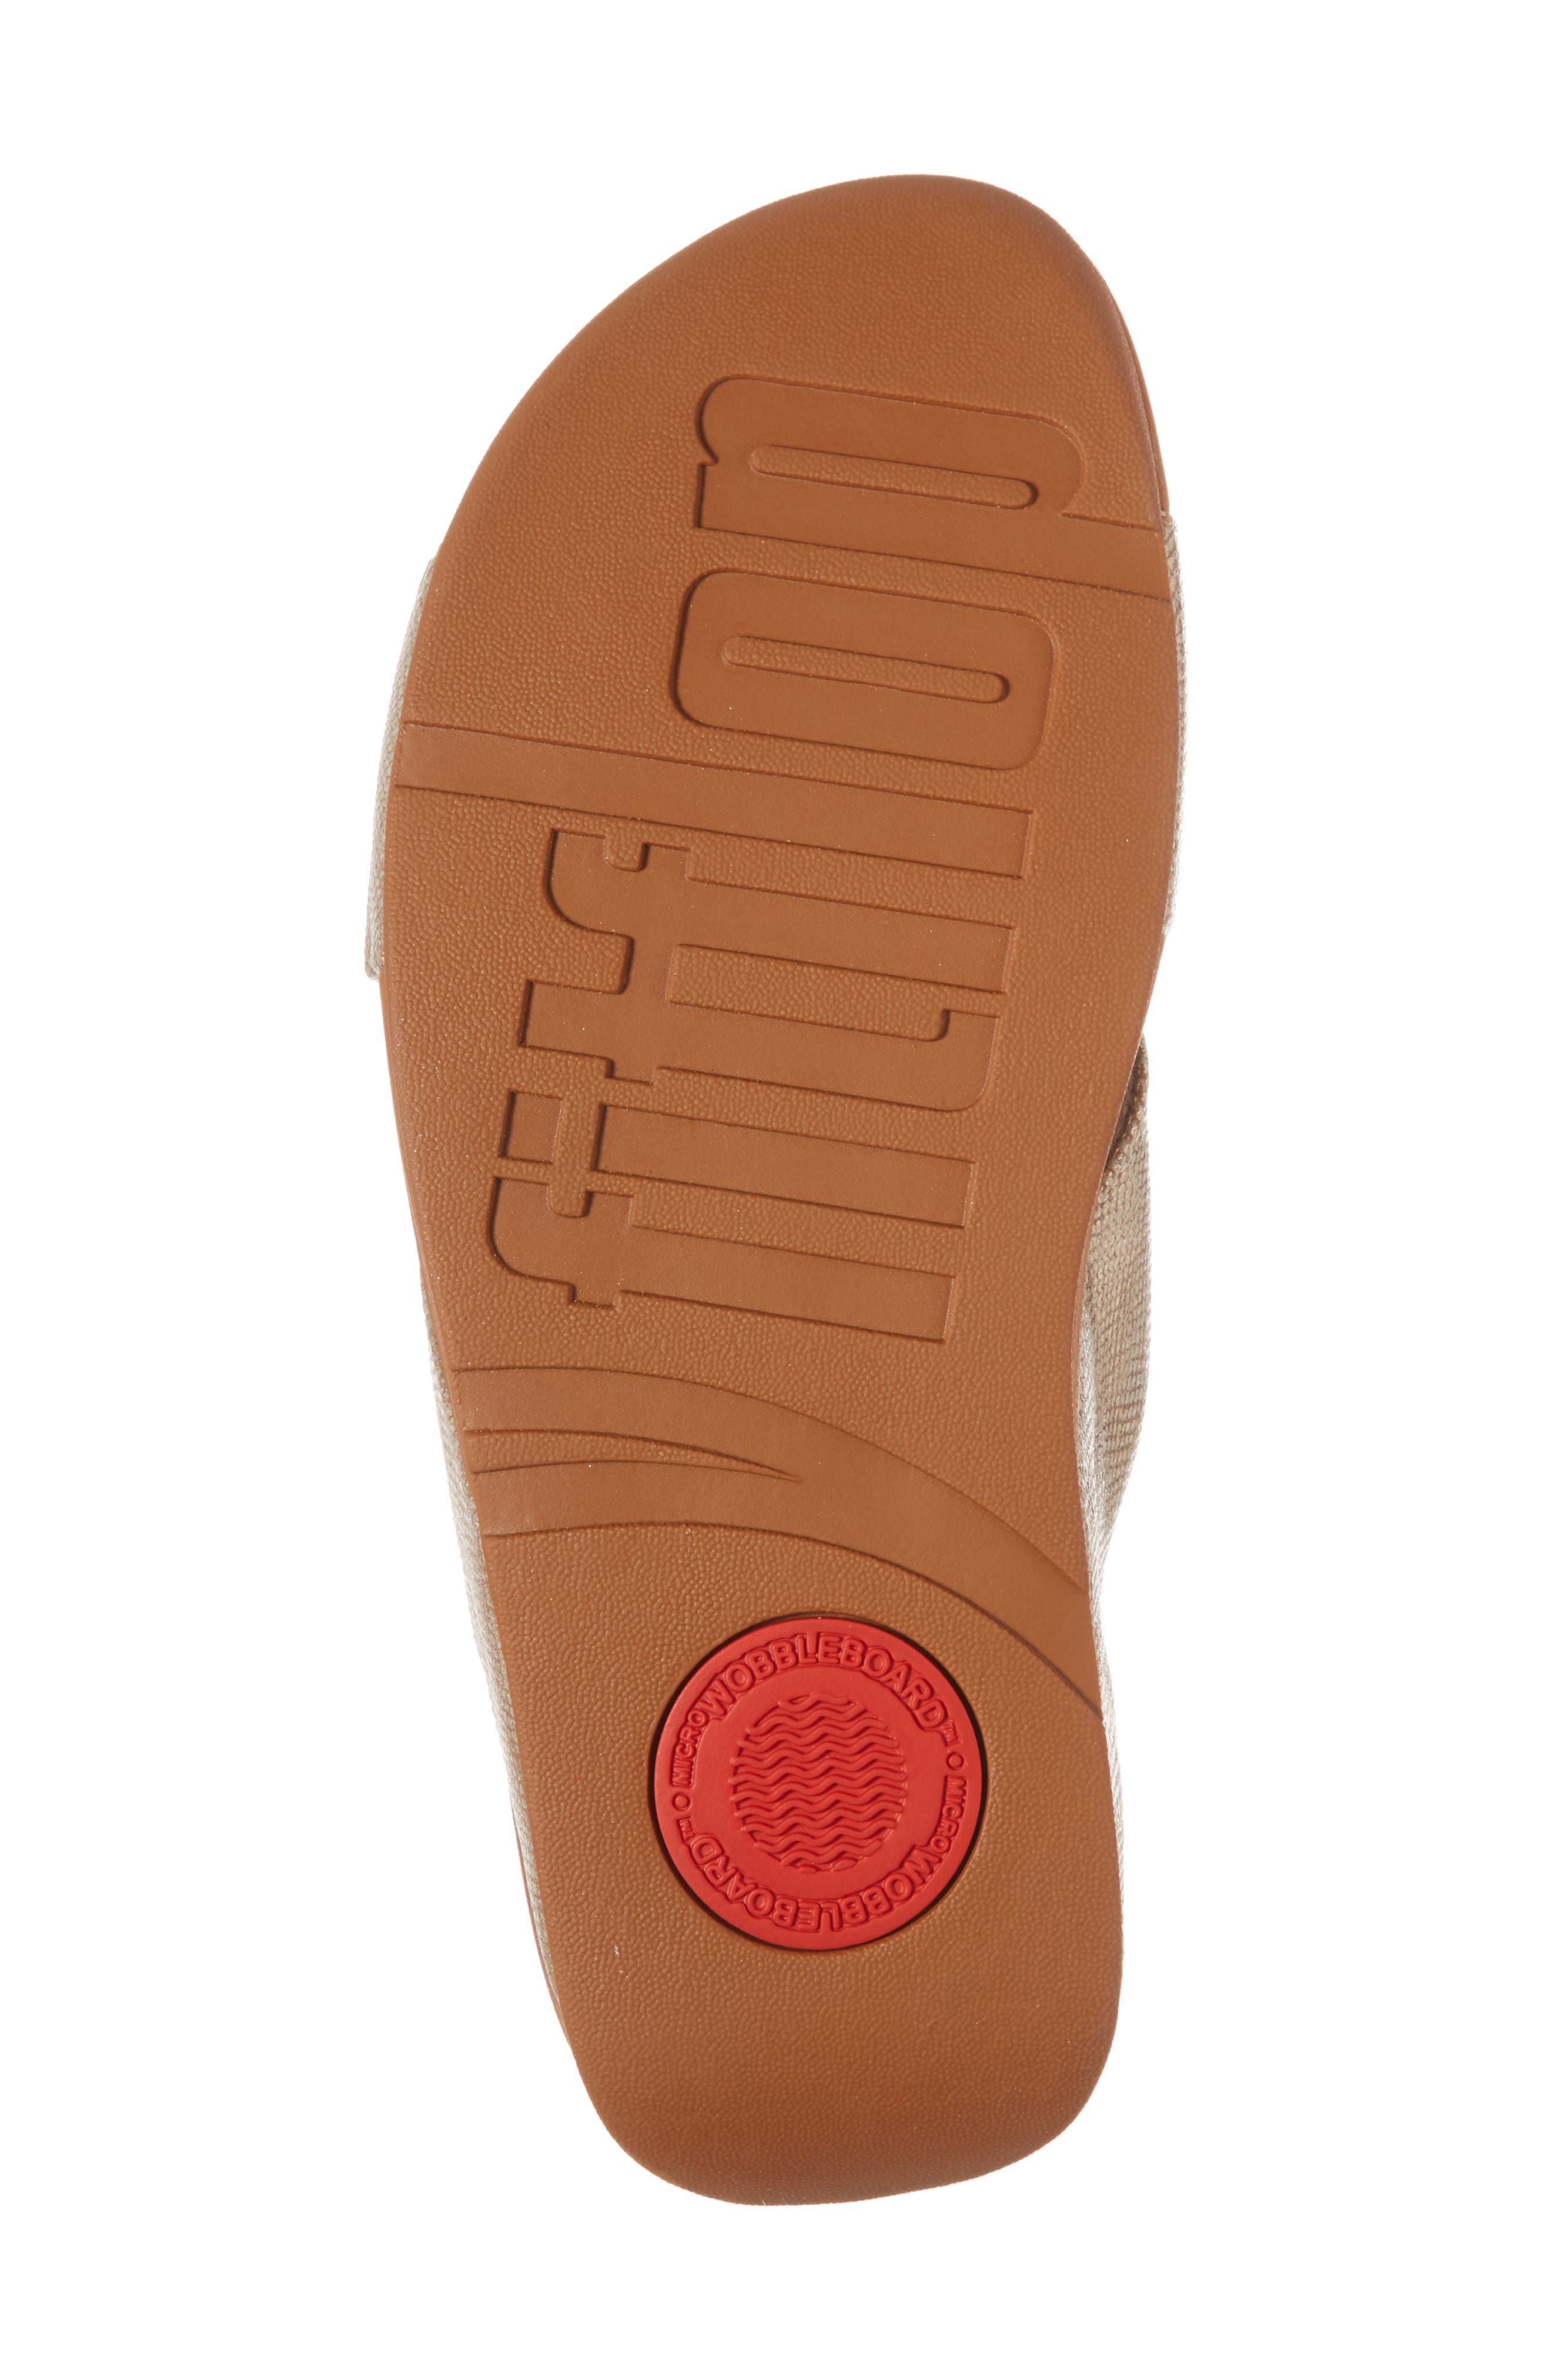 FITFLOP, Lulu Cross Slide Sandal, Alternate thumbnail 6, color, GOLD SHIMMER PRINT